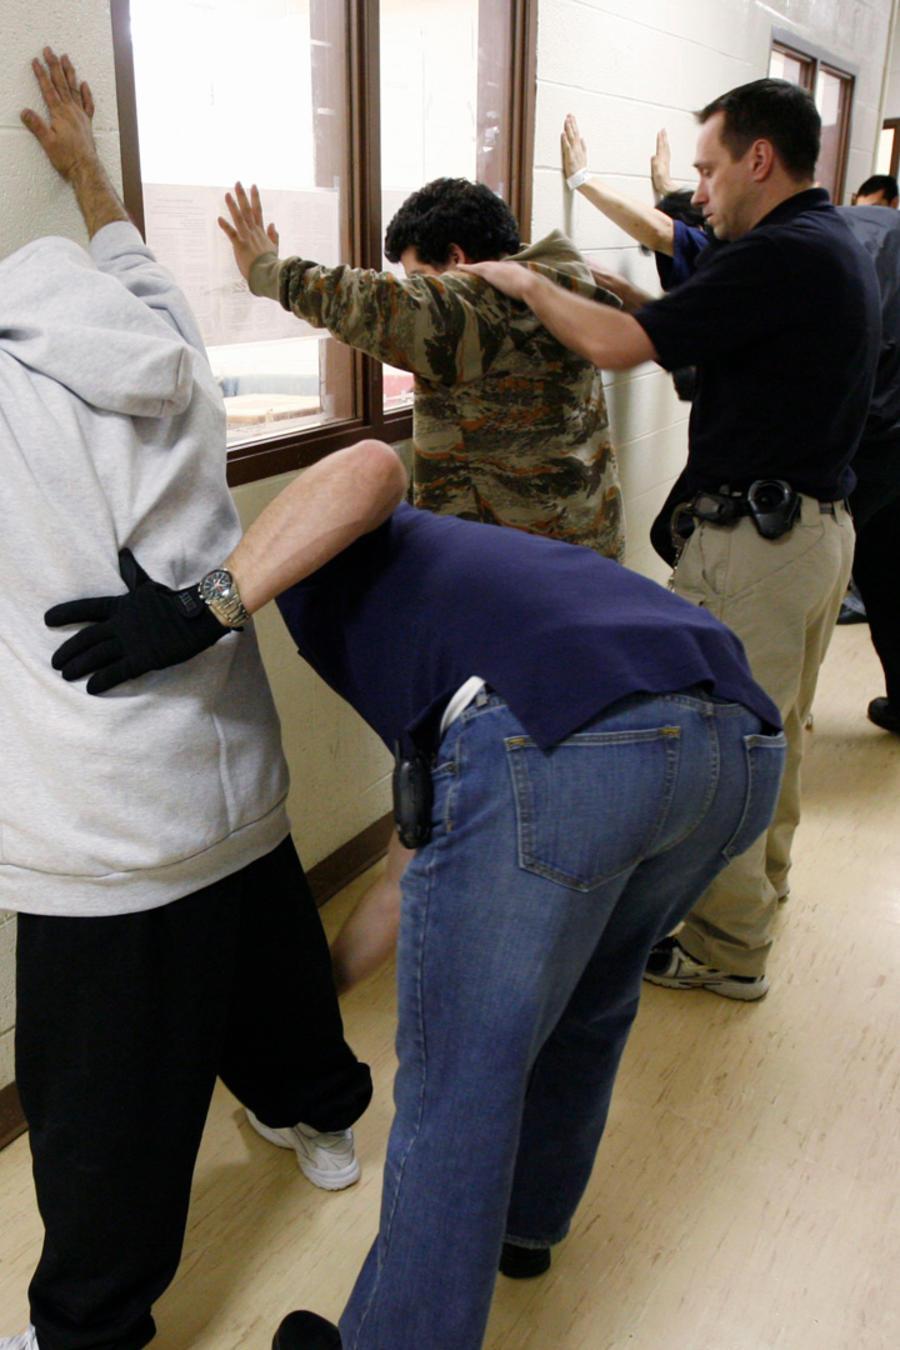 Inmigrantes siendo detenidos en EEUU en una imagen de archivo